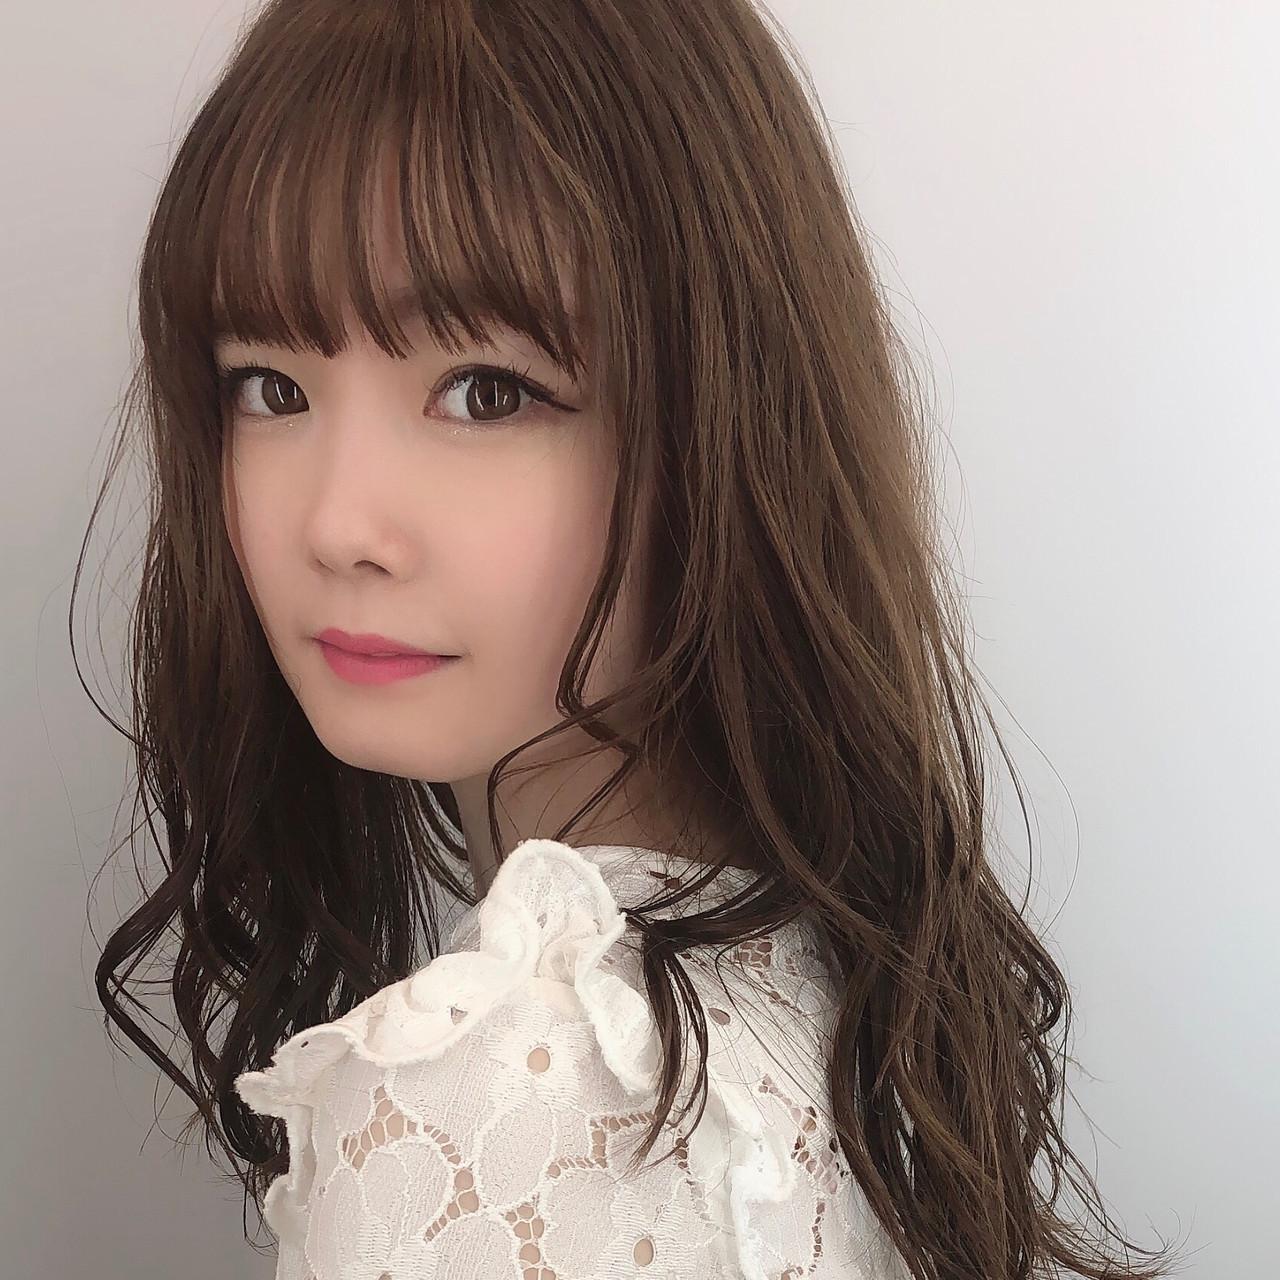 女性にモテる髪型!ぱっつん×シースルーバング 川原梨央